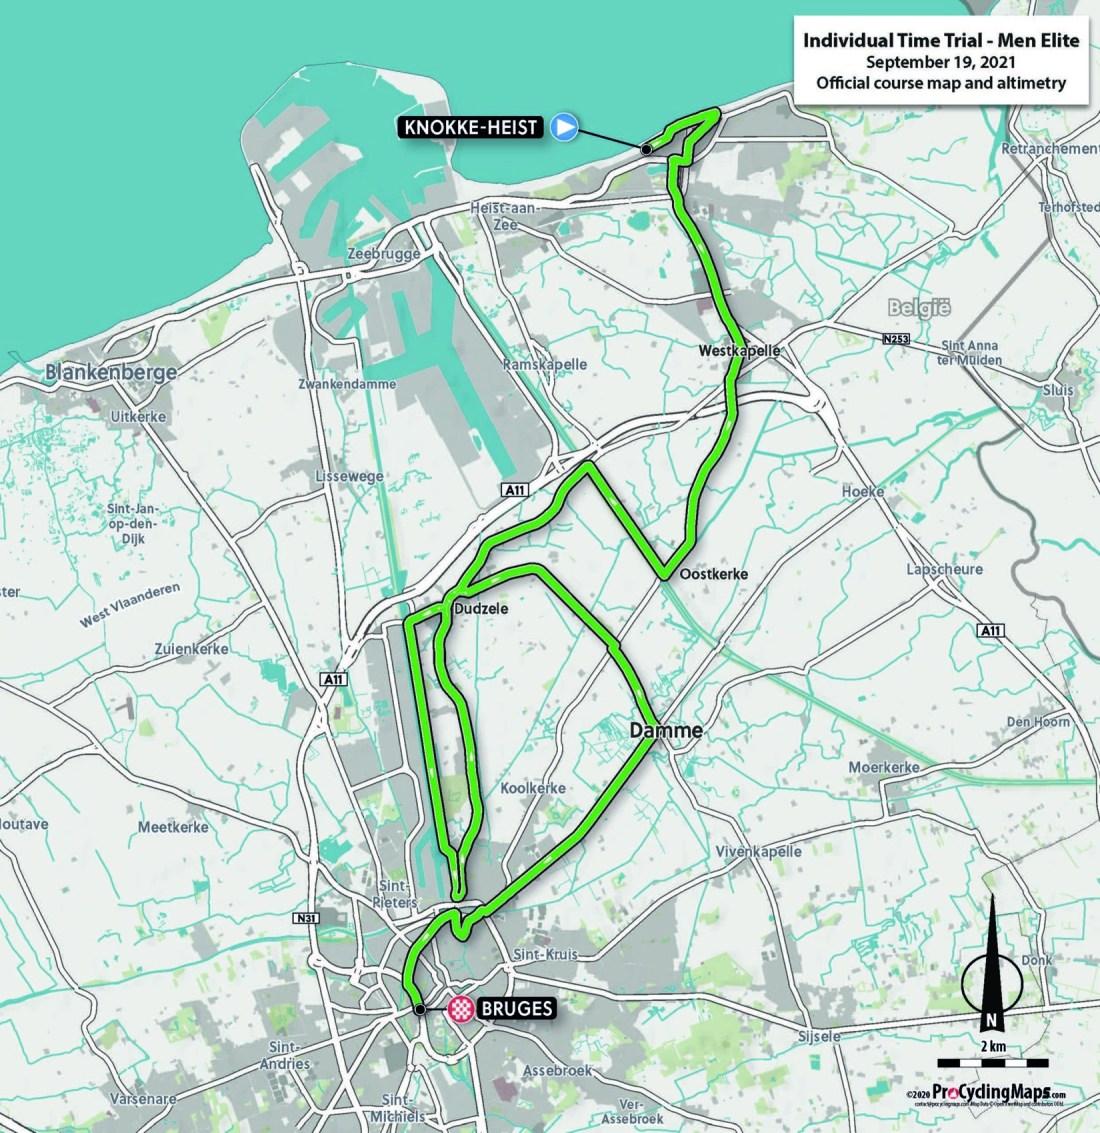 Championnats du monde sur route 2021 - Parcours Contre-la-montre Hommes